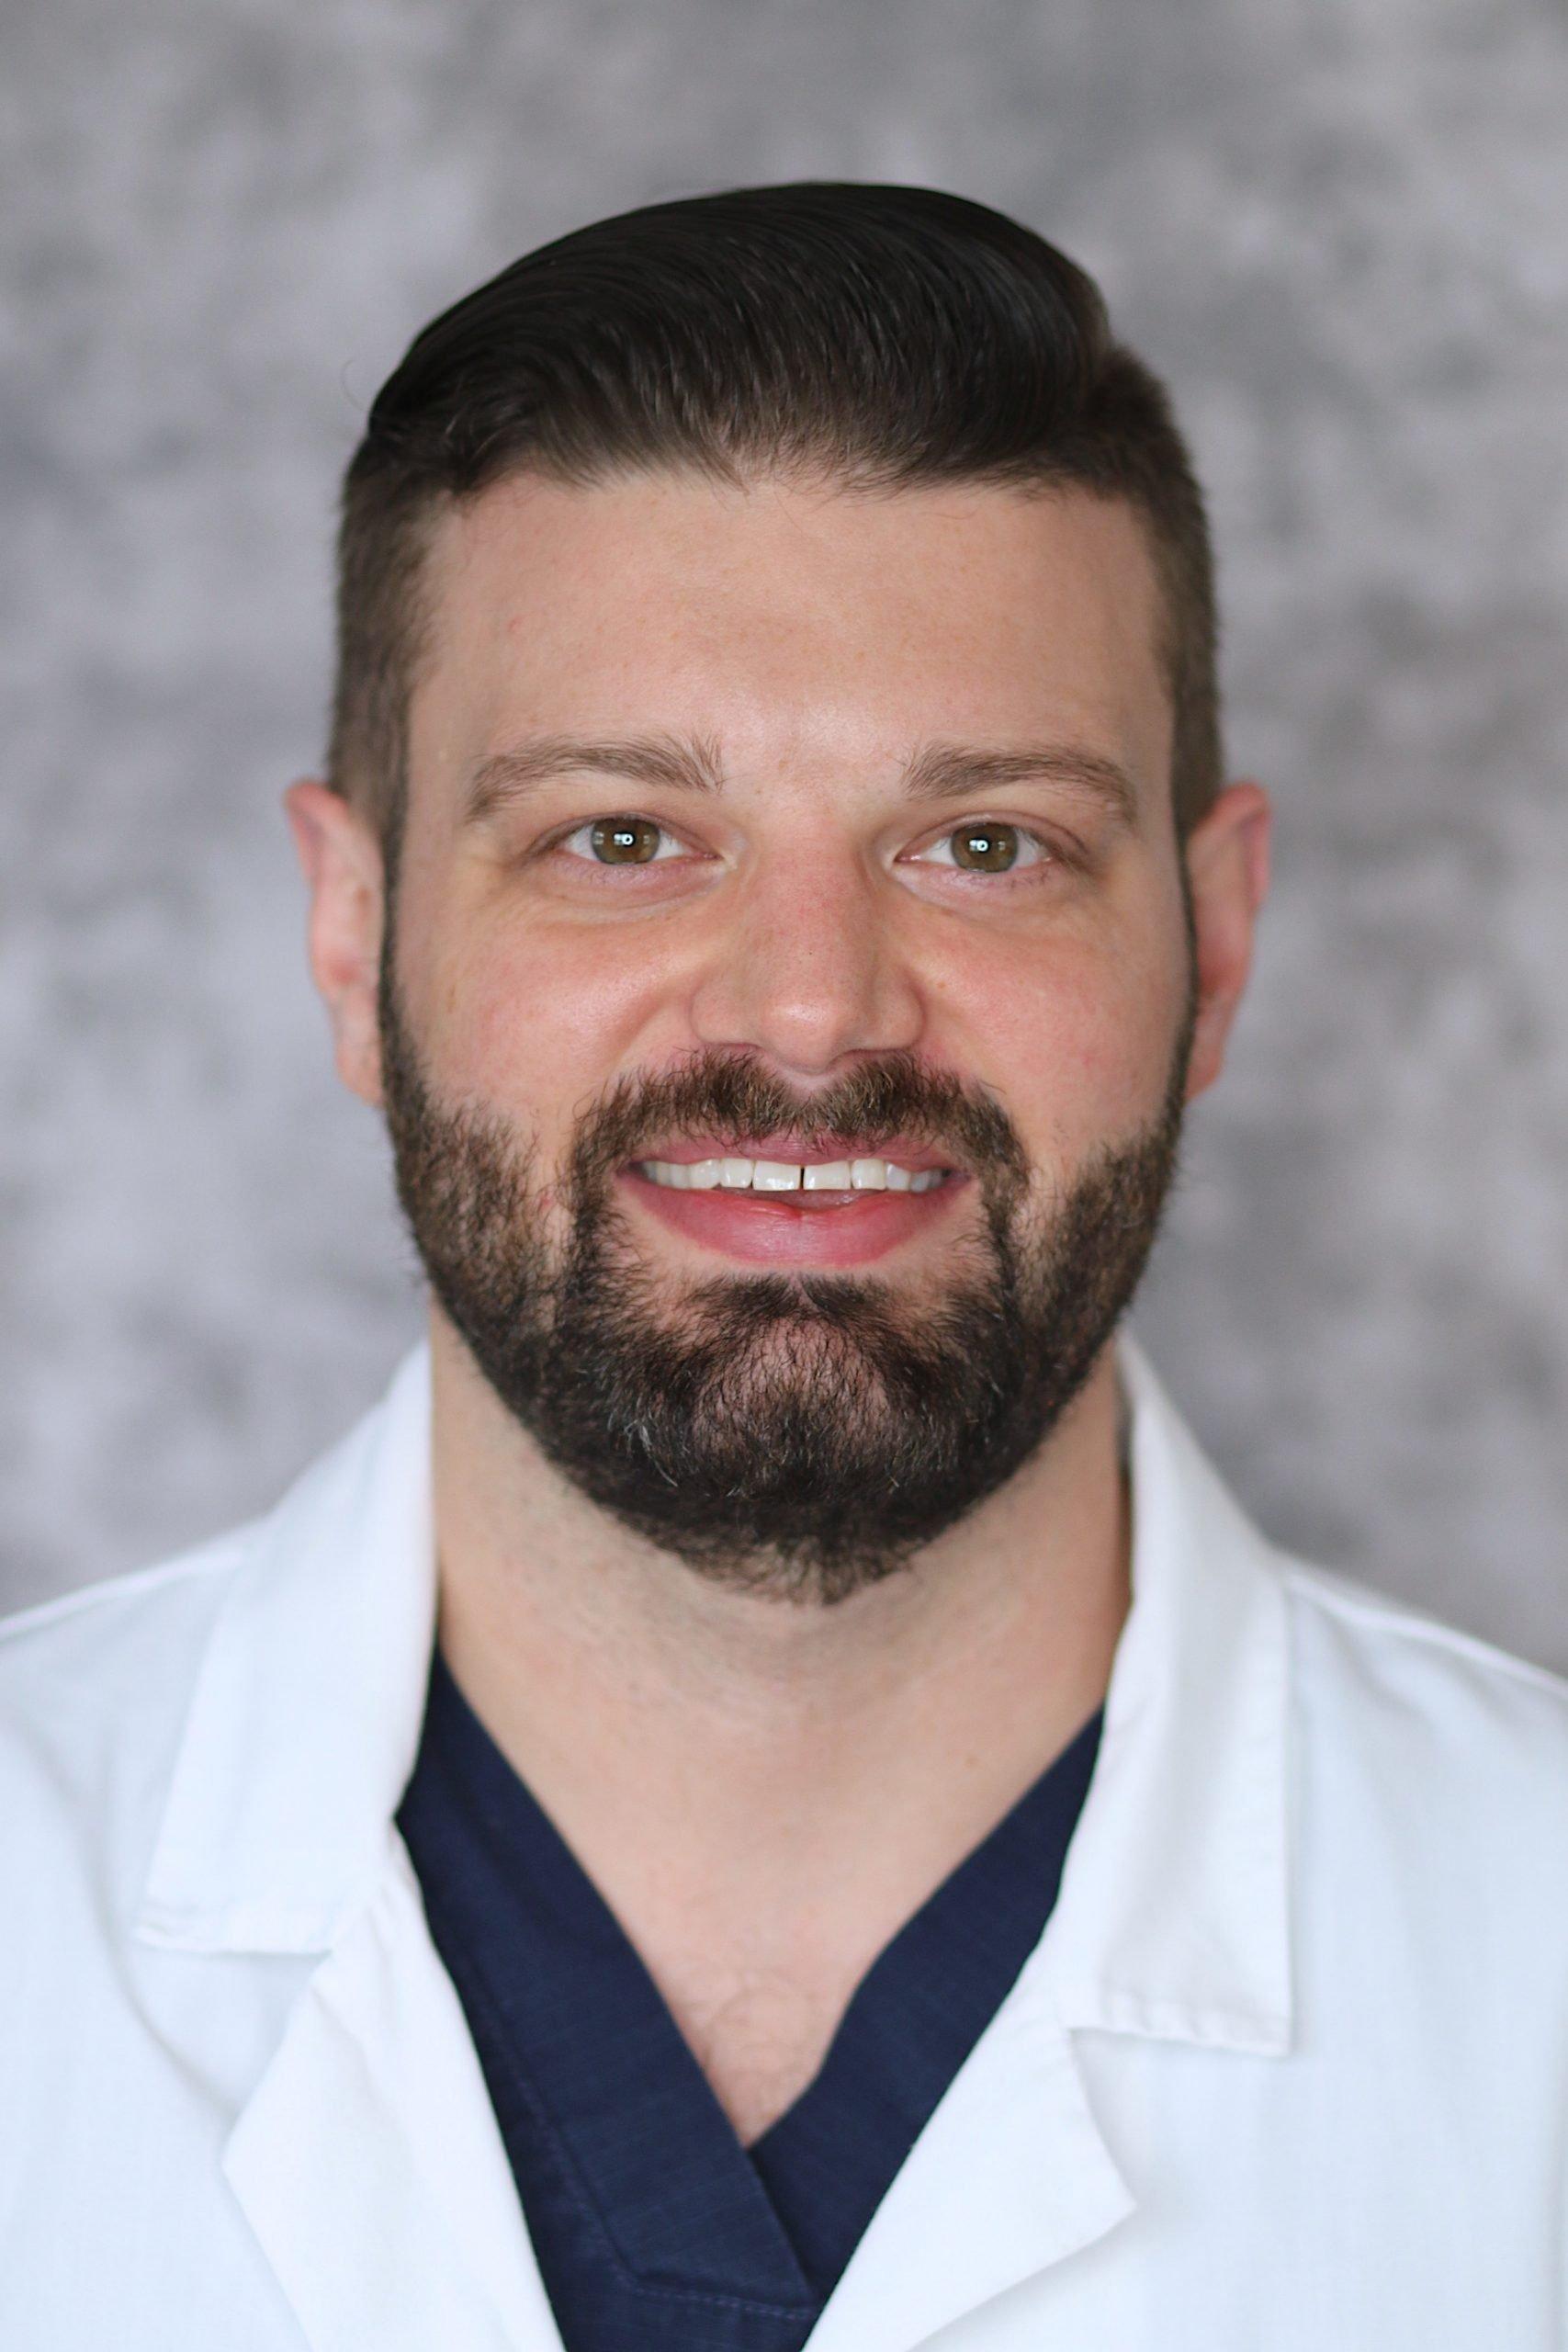 Dr. Daniel Pascetta